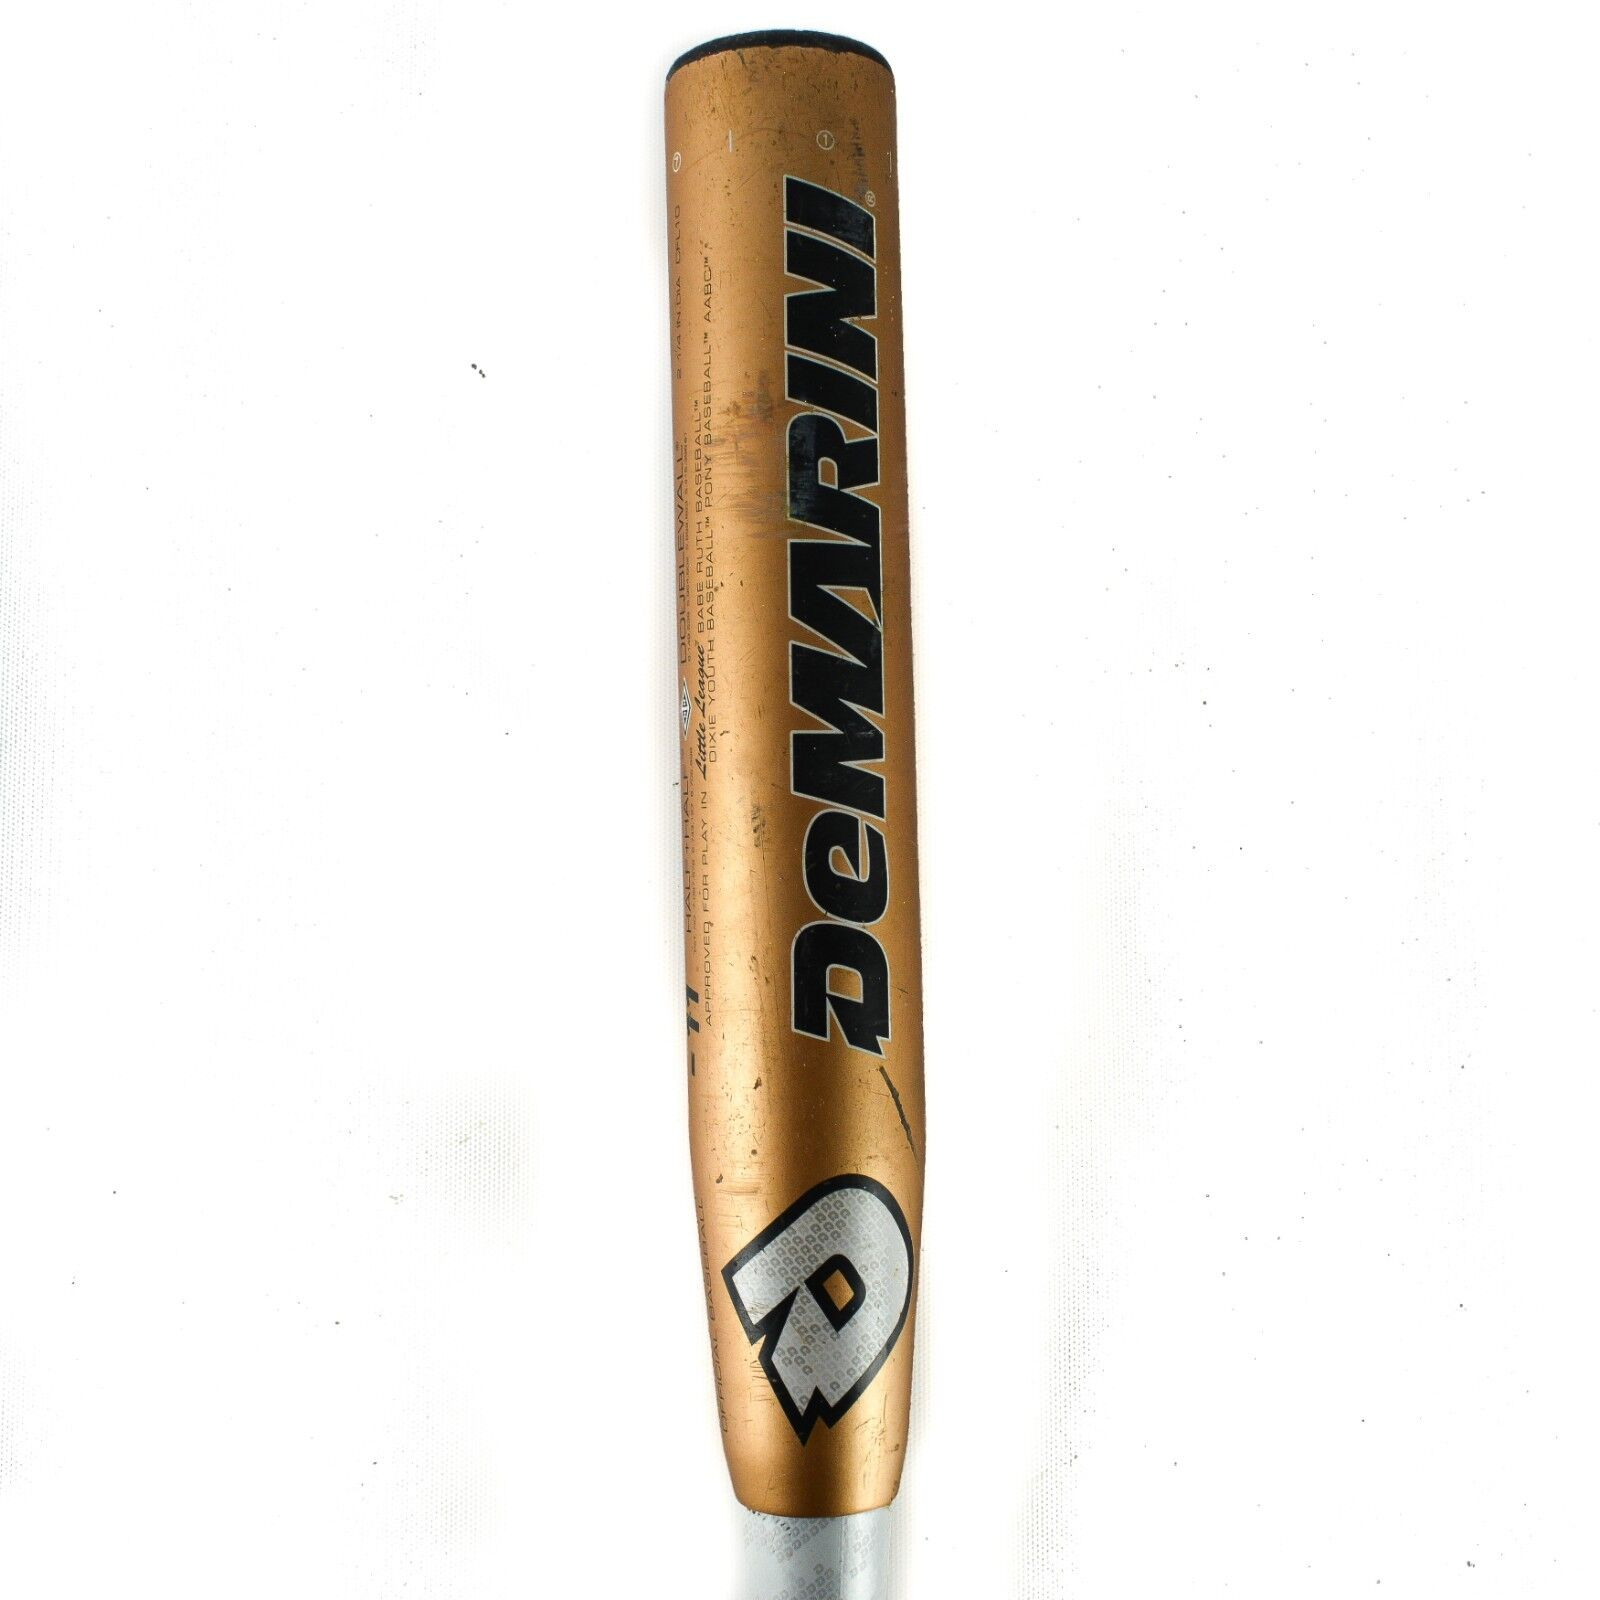 Demarini CF4 Negro Compuesto Fastpitch bate de béisbol 30  3.5 -11 Doble Parojo